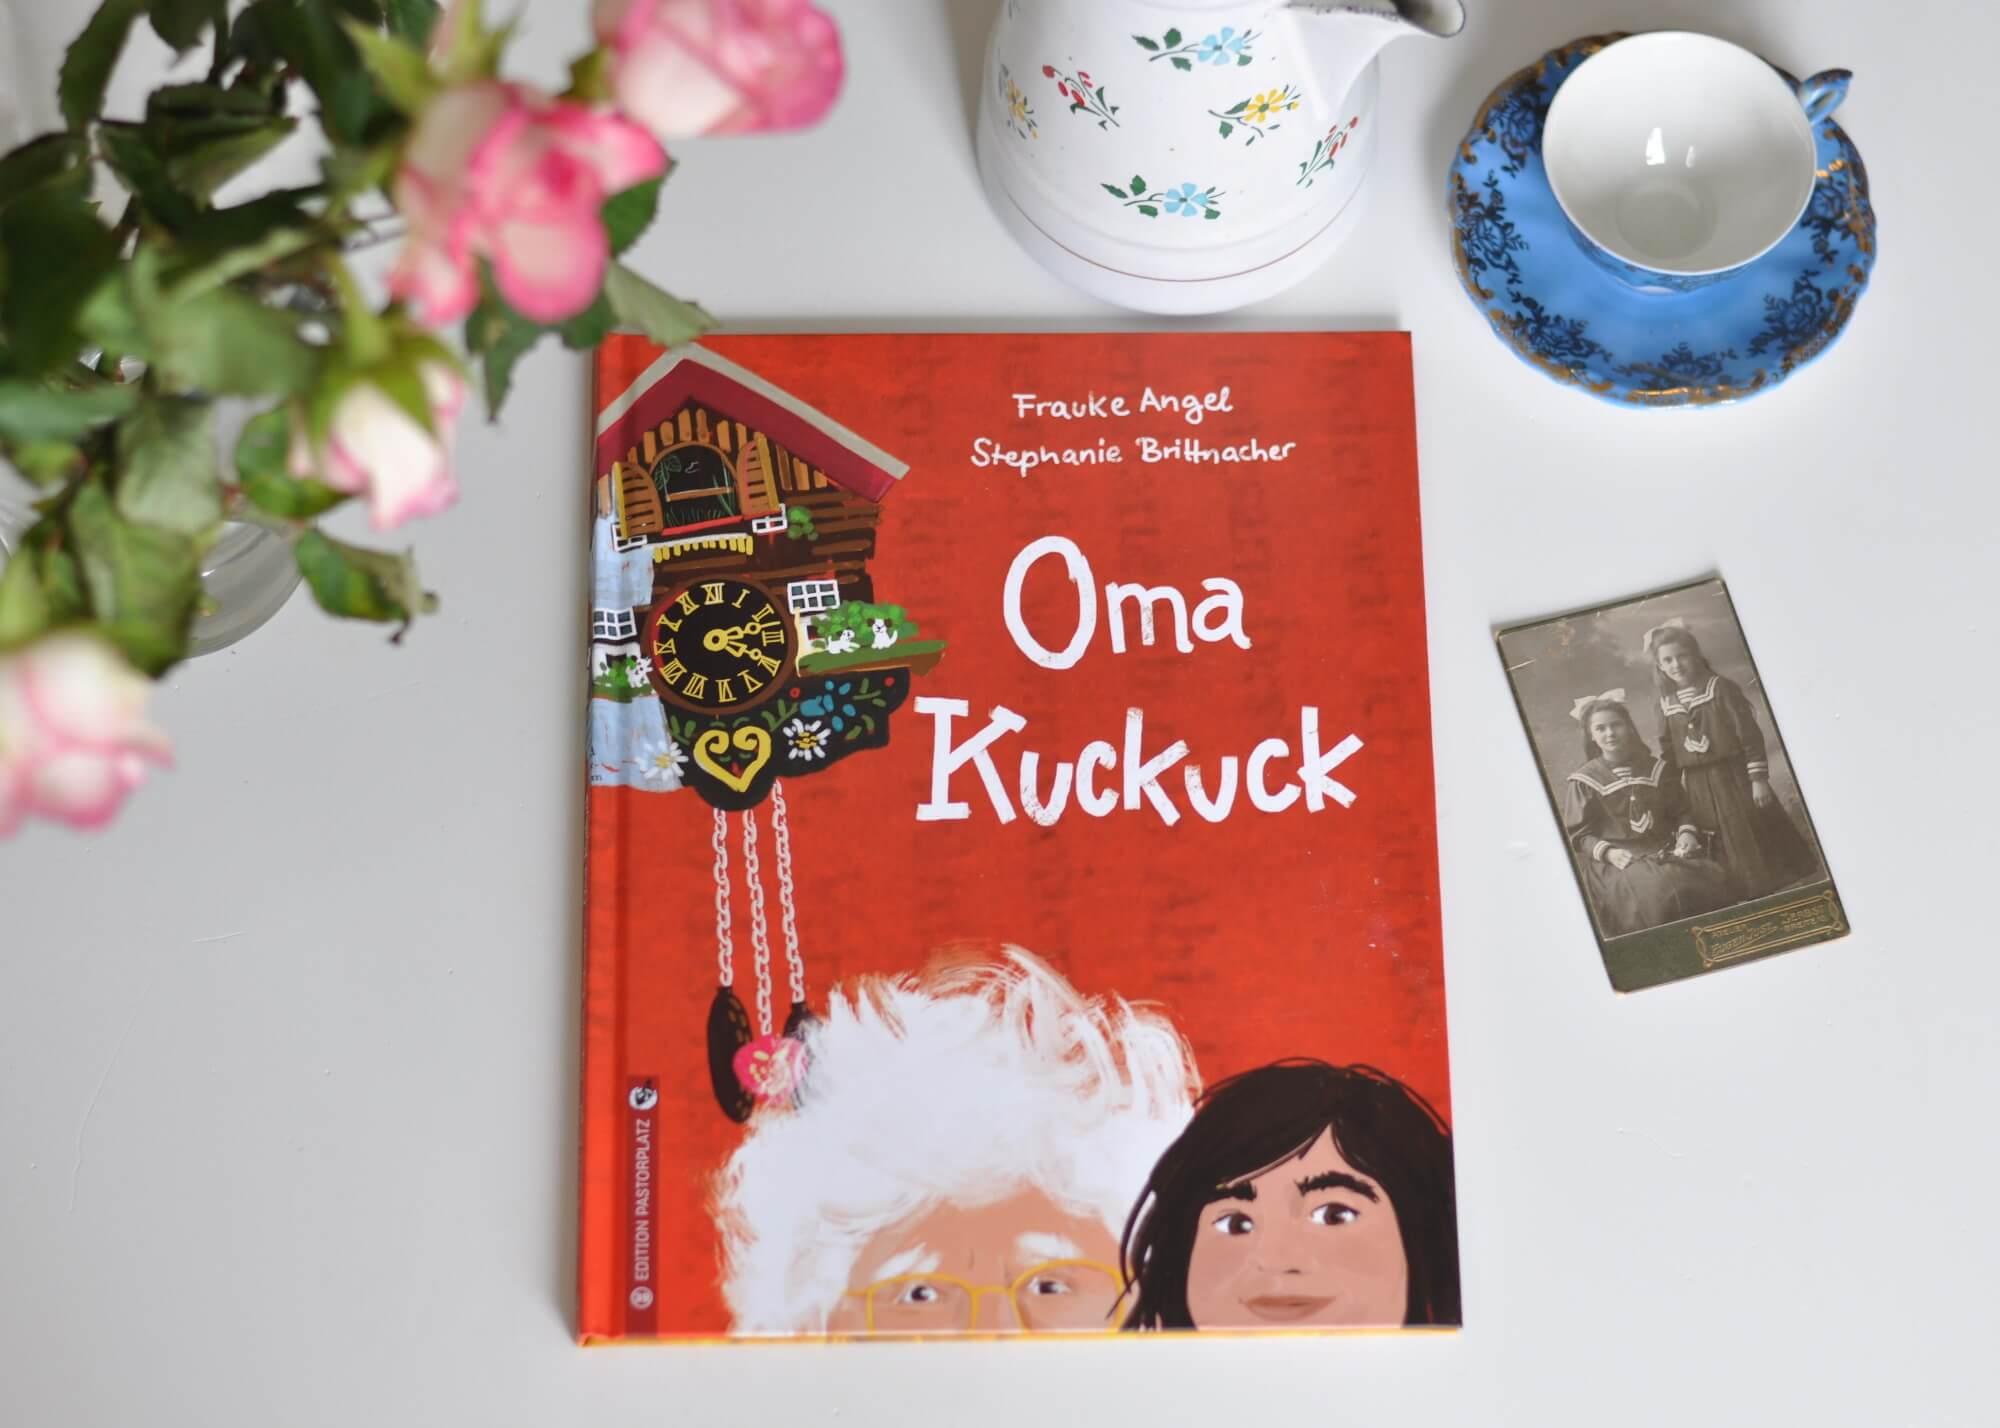 Eines Tages fällt der Großmutter einfach keine Geschichte mehr ein. Und auch die Vanillesuppe wird auf dem Herd vergessen. Oma kann nicht mehr alleine leben. Doch was tun, wenn man ihr früher versprochen hat, genau das niemals zu tun? #oma #demenz #alt #altersheim #pflegeheim #bilderbuch #lesen #vorlesen #kind